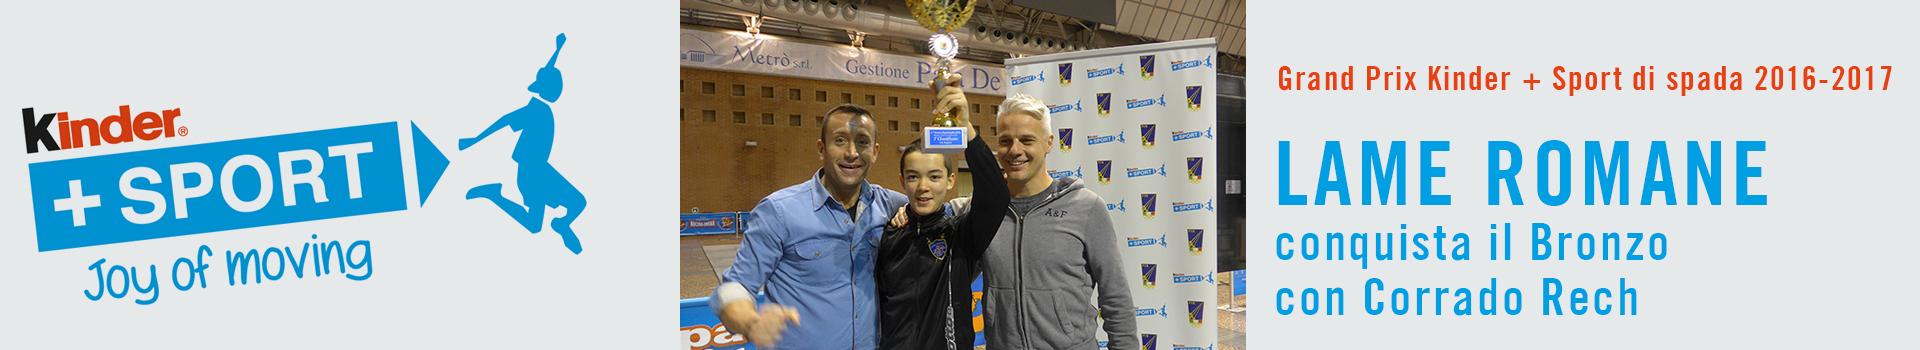 Corrado Rech conquista il bronzo al Grand Prix Kinder + Sport